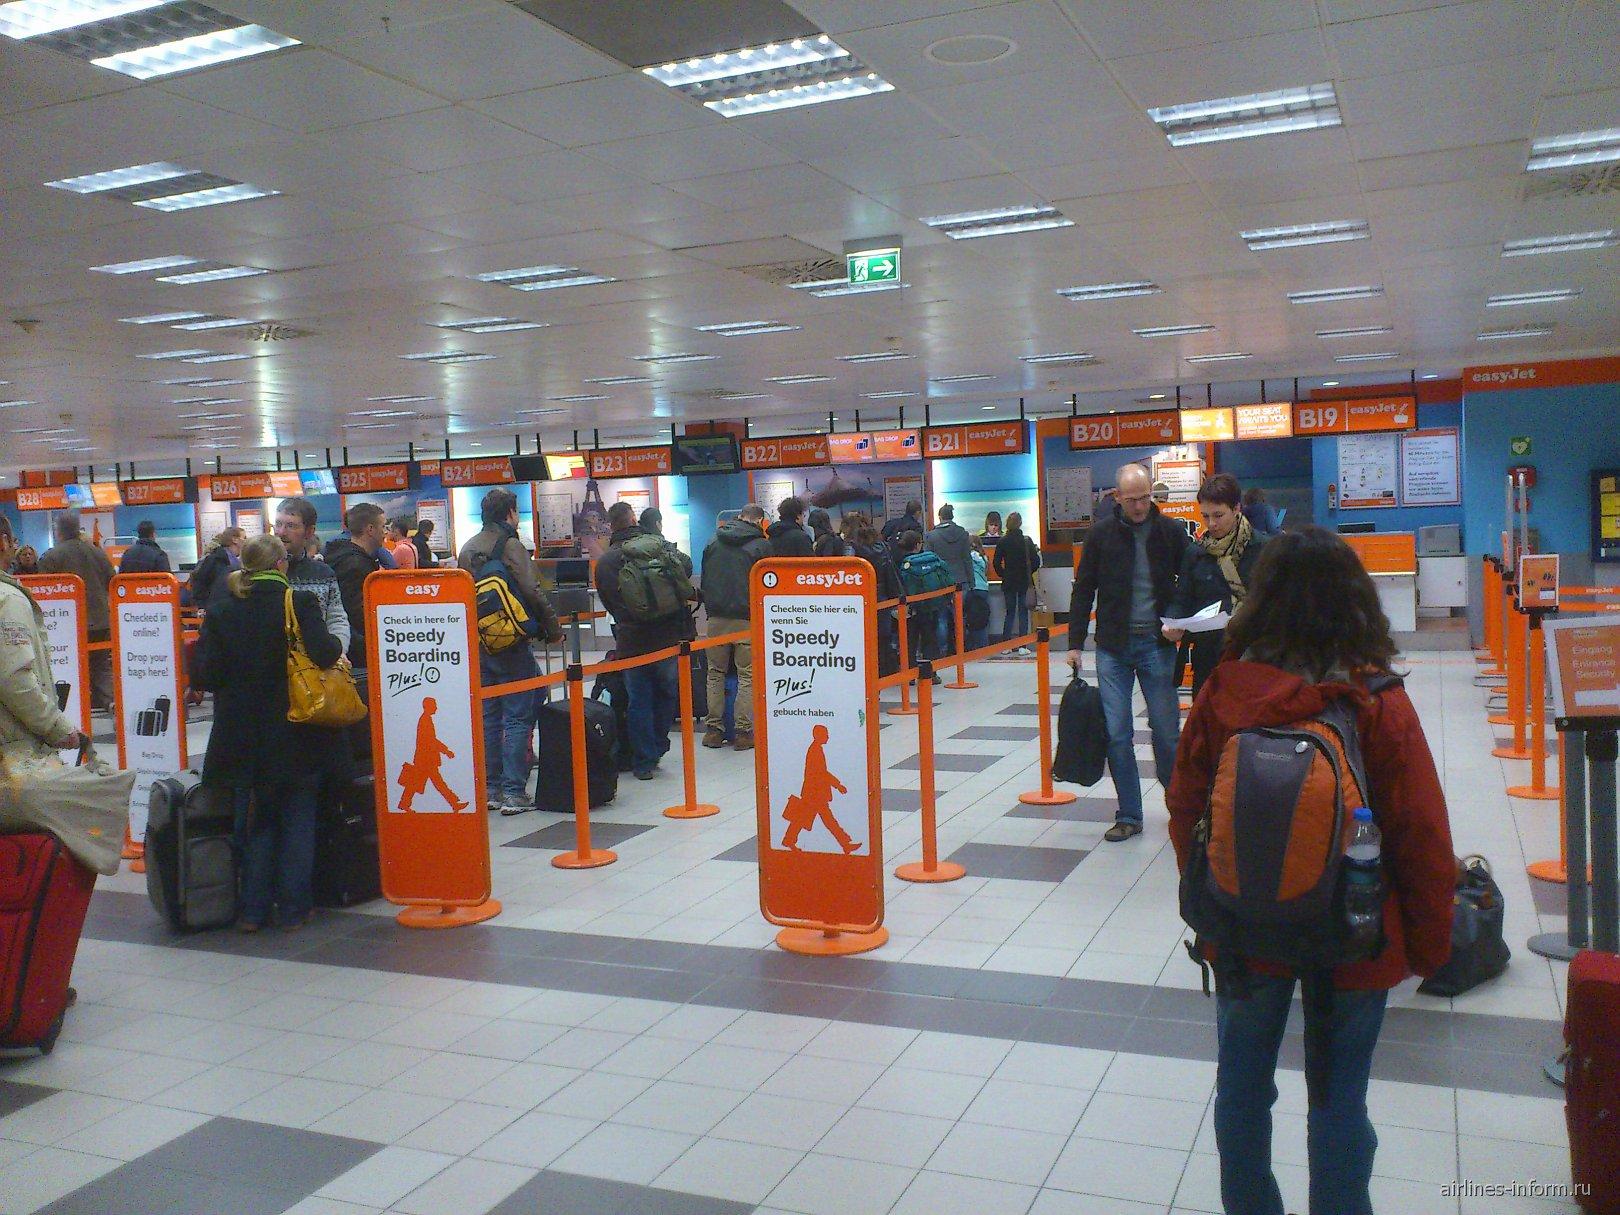 Регистрация на рейсы easyJet в терминале В аэропорта Берлин Шонефельд